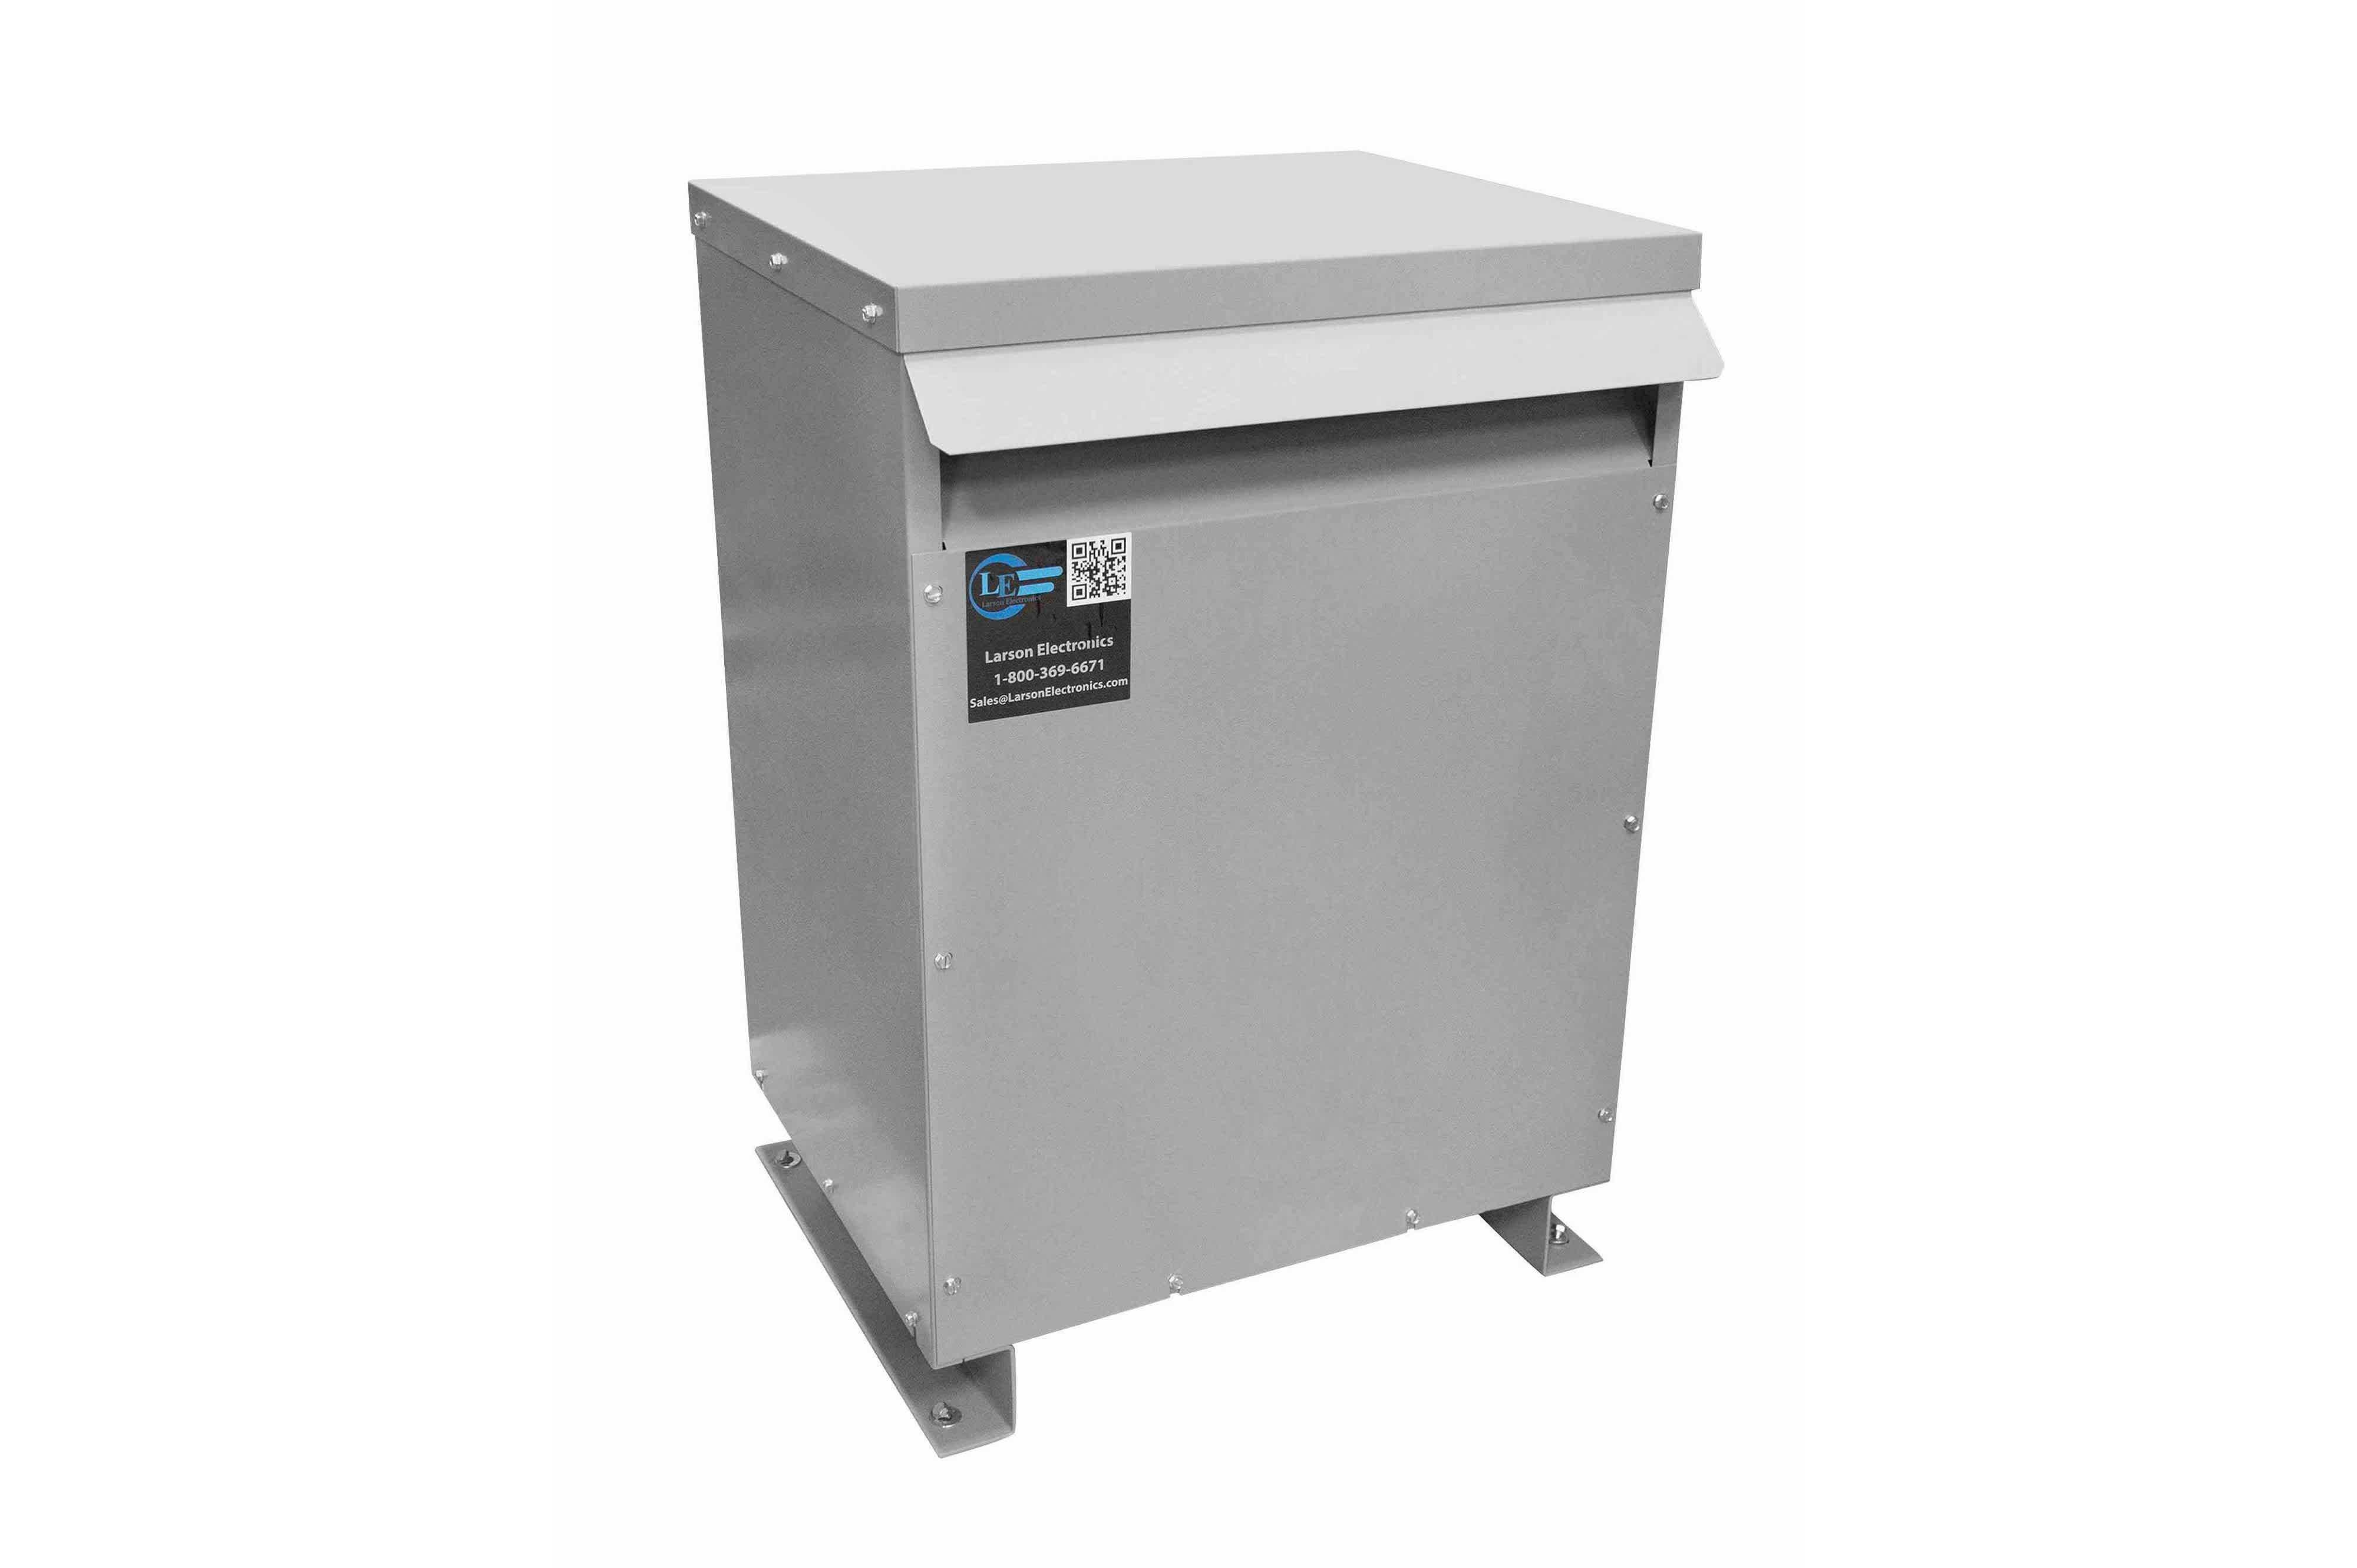 125 kVA 3PH Isolation Transformer, 575V Delta Primary, 240 Delta Secondary, N3R, Ventilated, 60 Hz